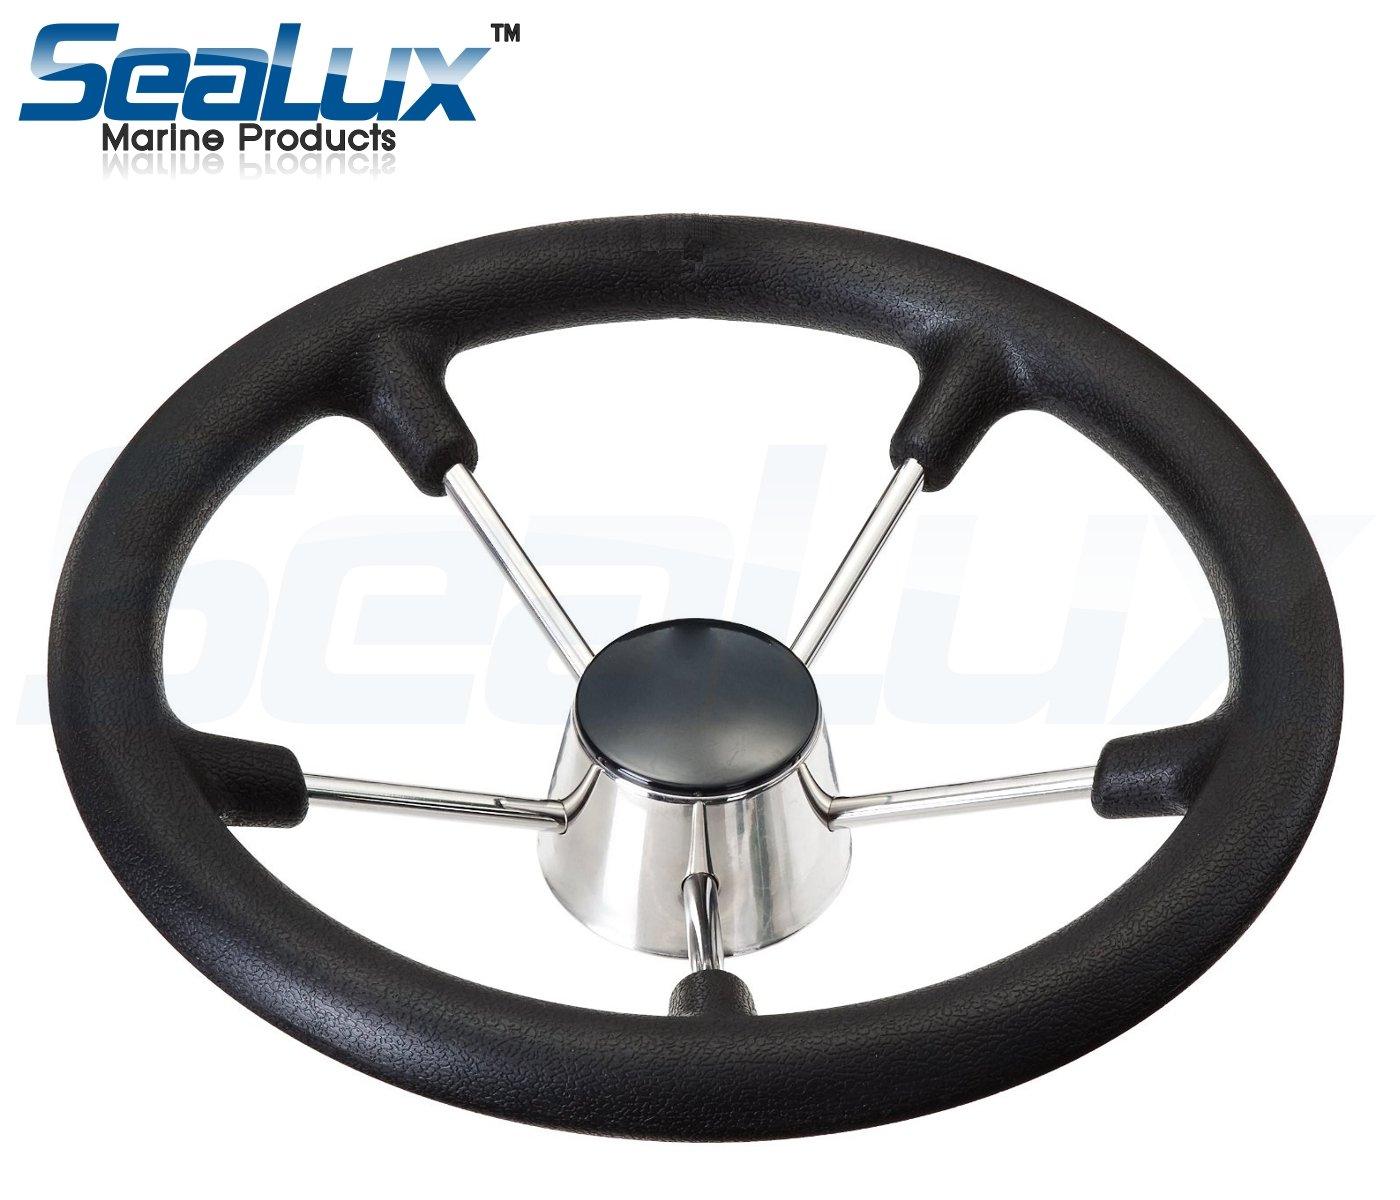 SeaLux 15-1/2'' Stainless Steel 5 Spoke Destroyer Steering Wheel with Foam Grip by SeaLux Marine Products